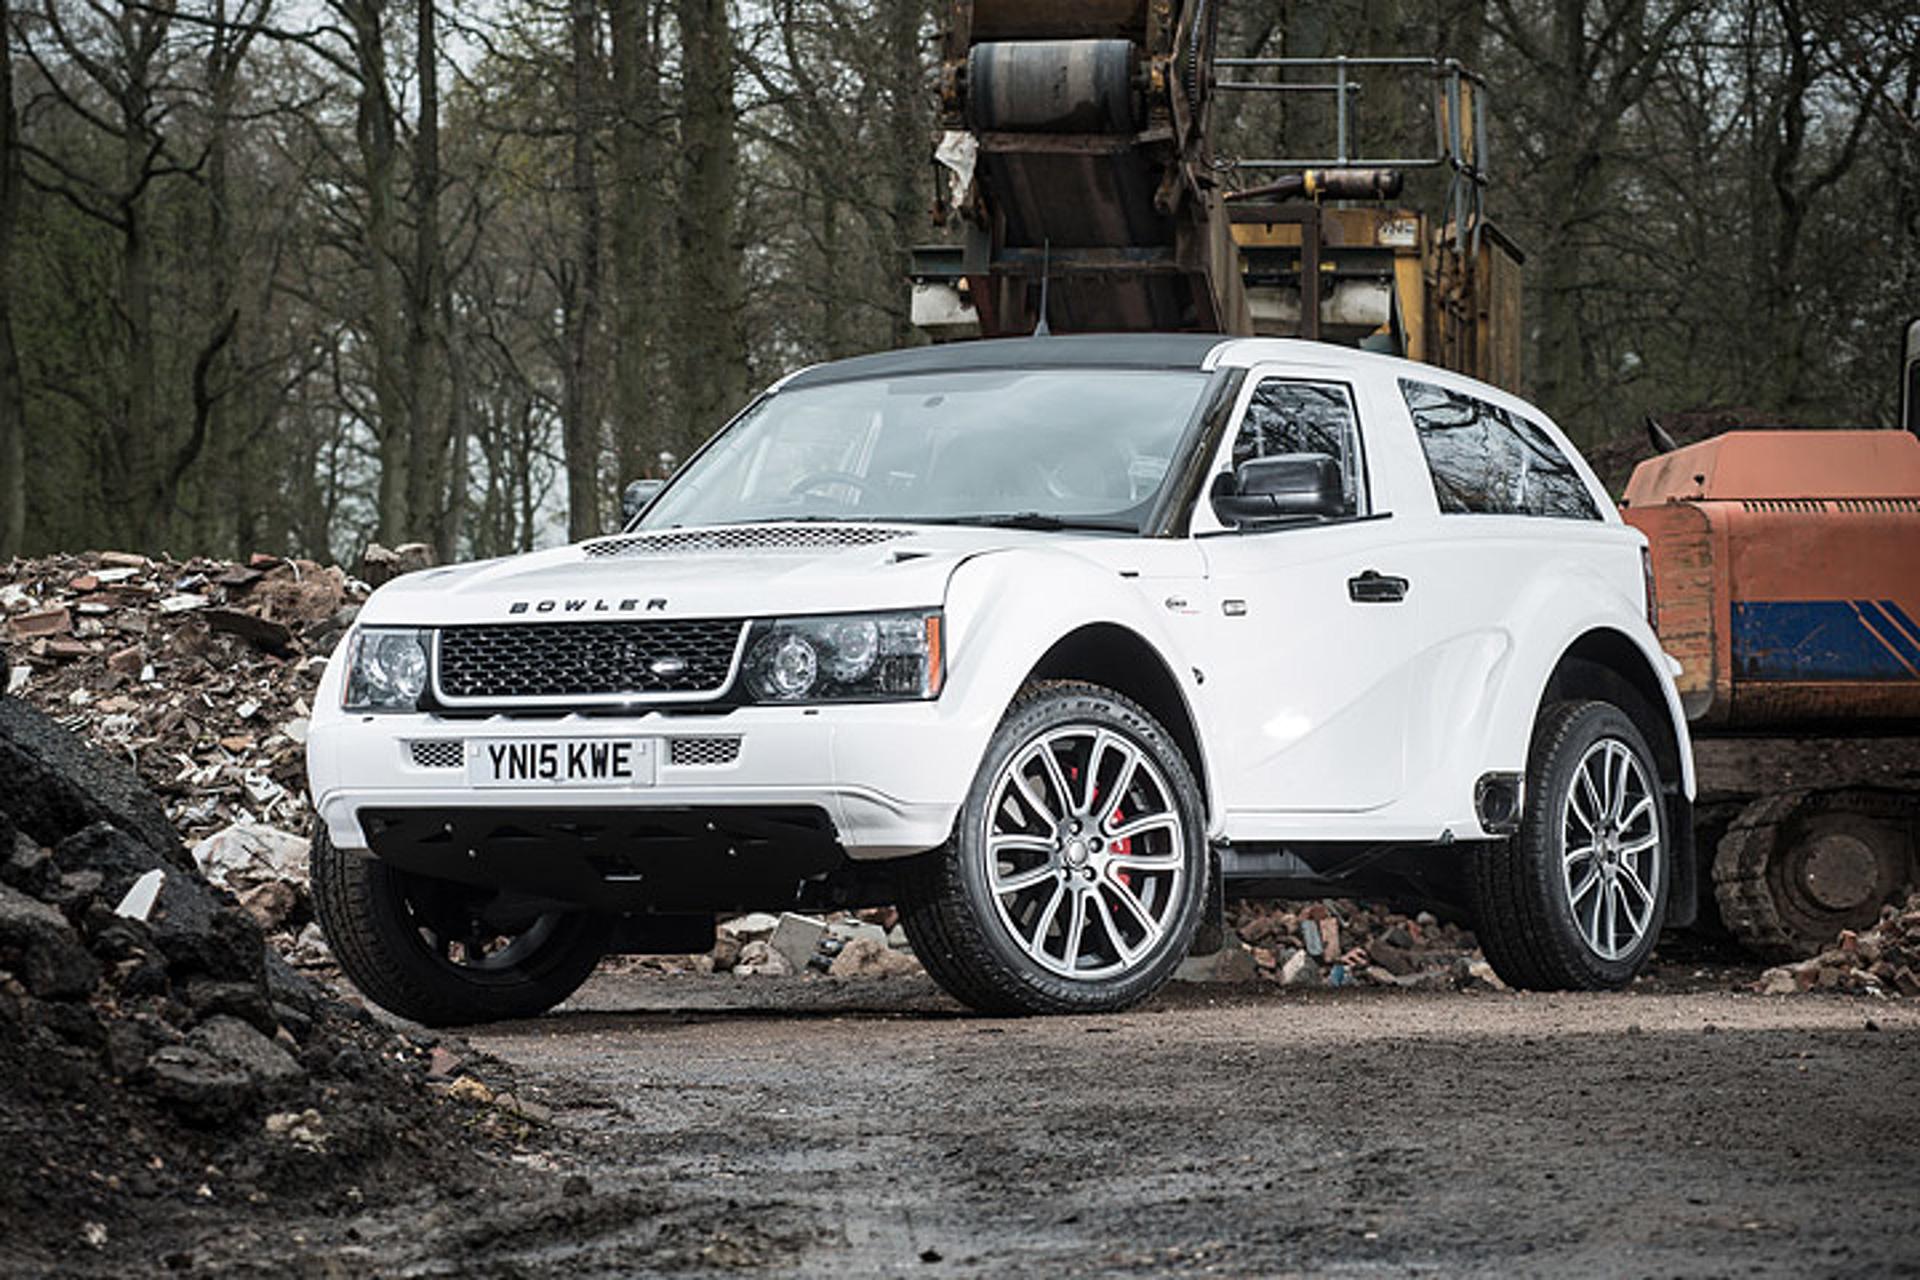 Land Rover adquiere el preparador de 4x4 Bowler: ¿Qué esperamos de esto?